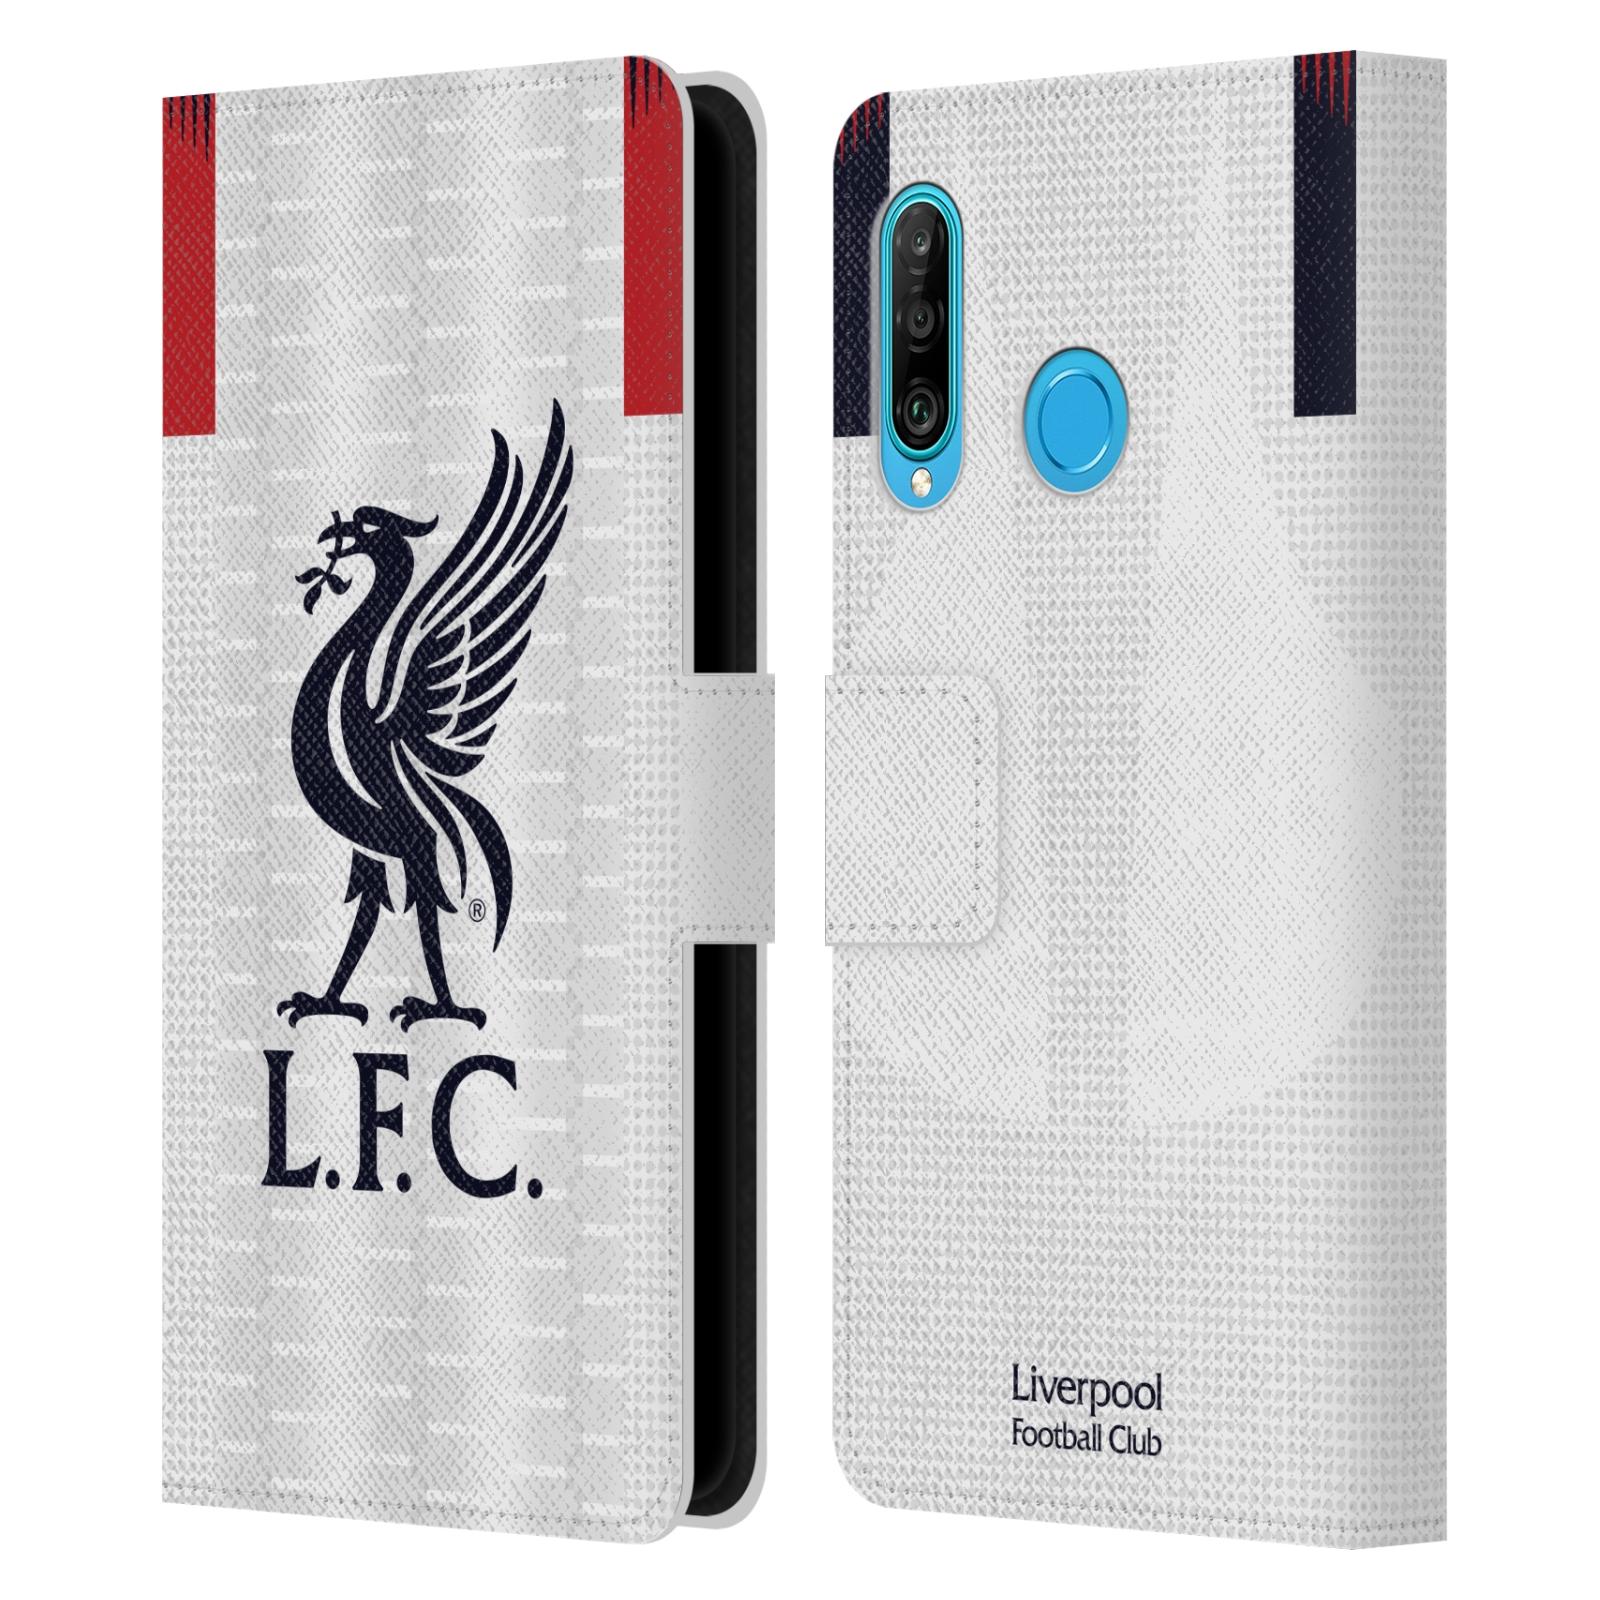 Pouzdro na mobil Huawei P30 LITE - Head Case - fotbalový klub liverpool bílý dres